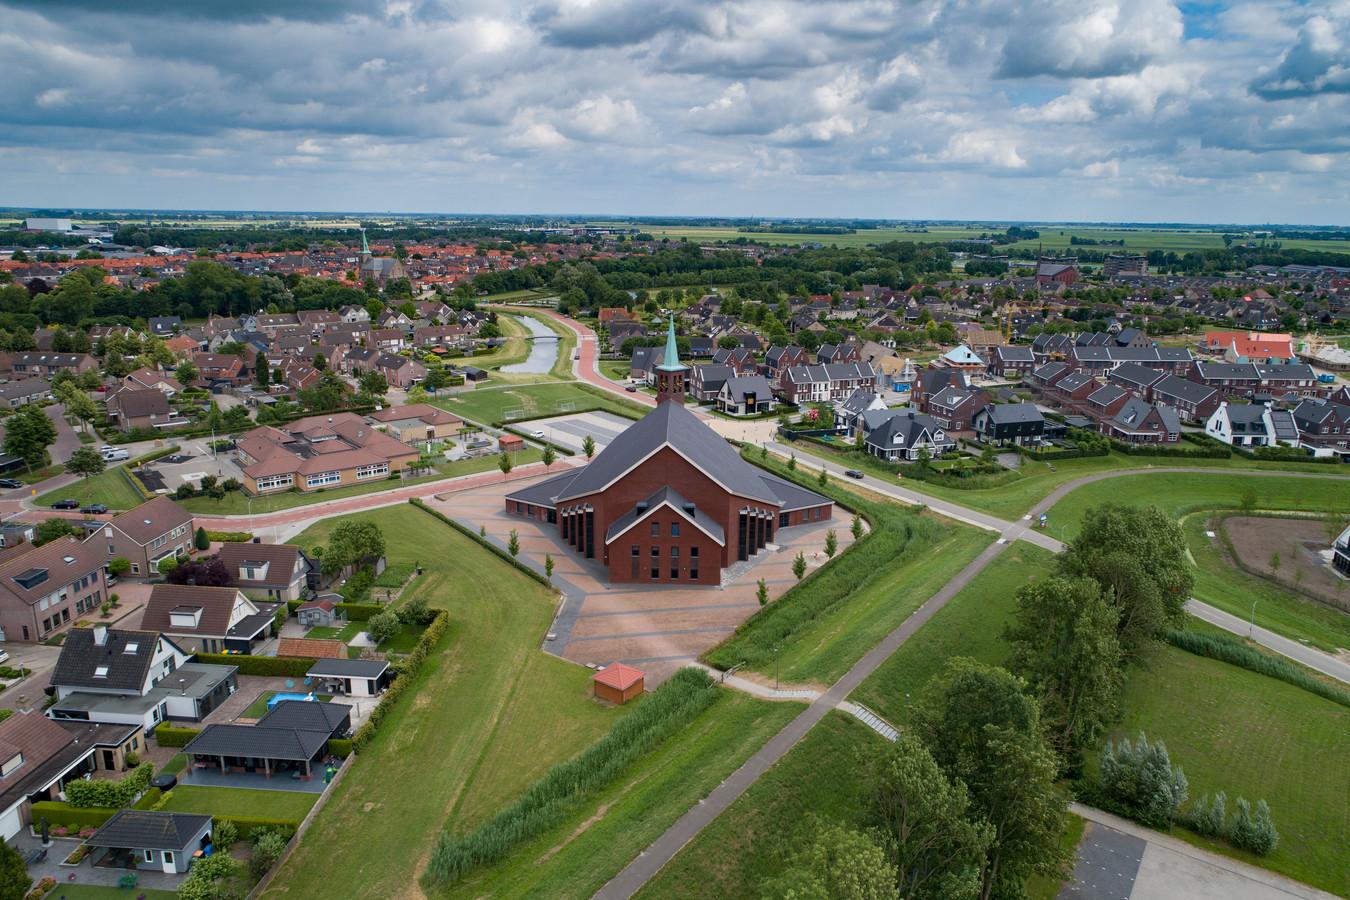 De Hersteld Hervormde Kerk in Genemuiden